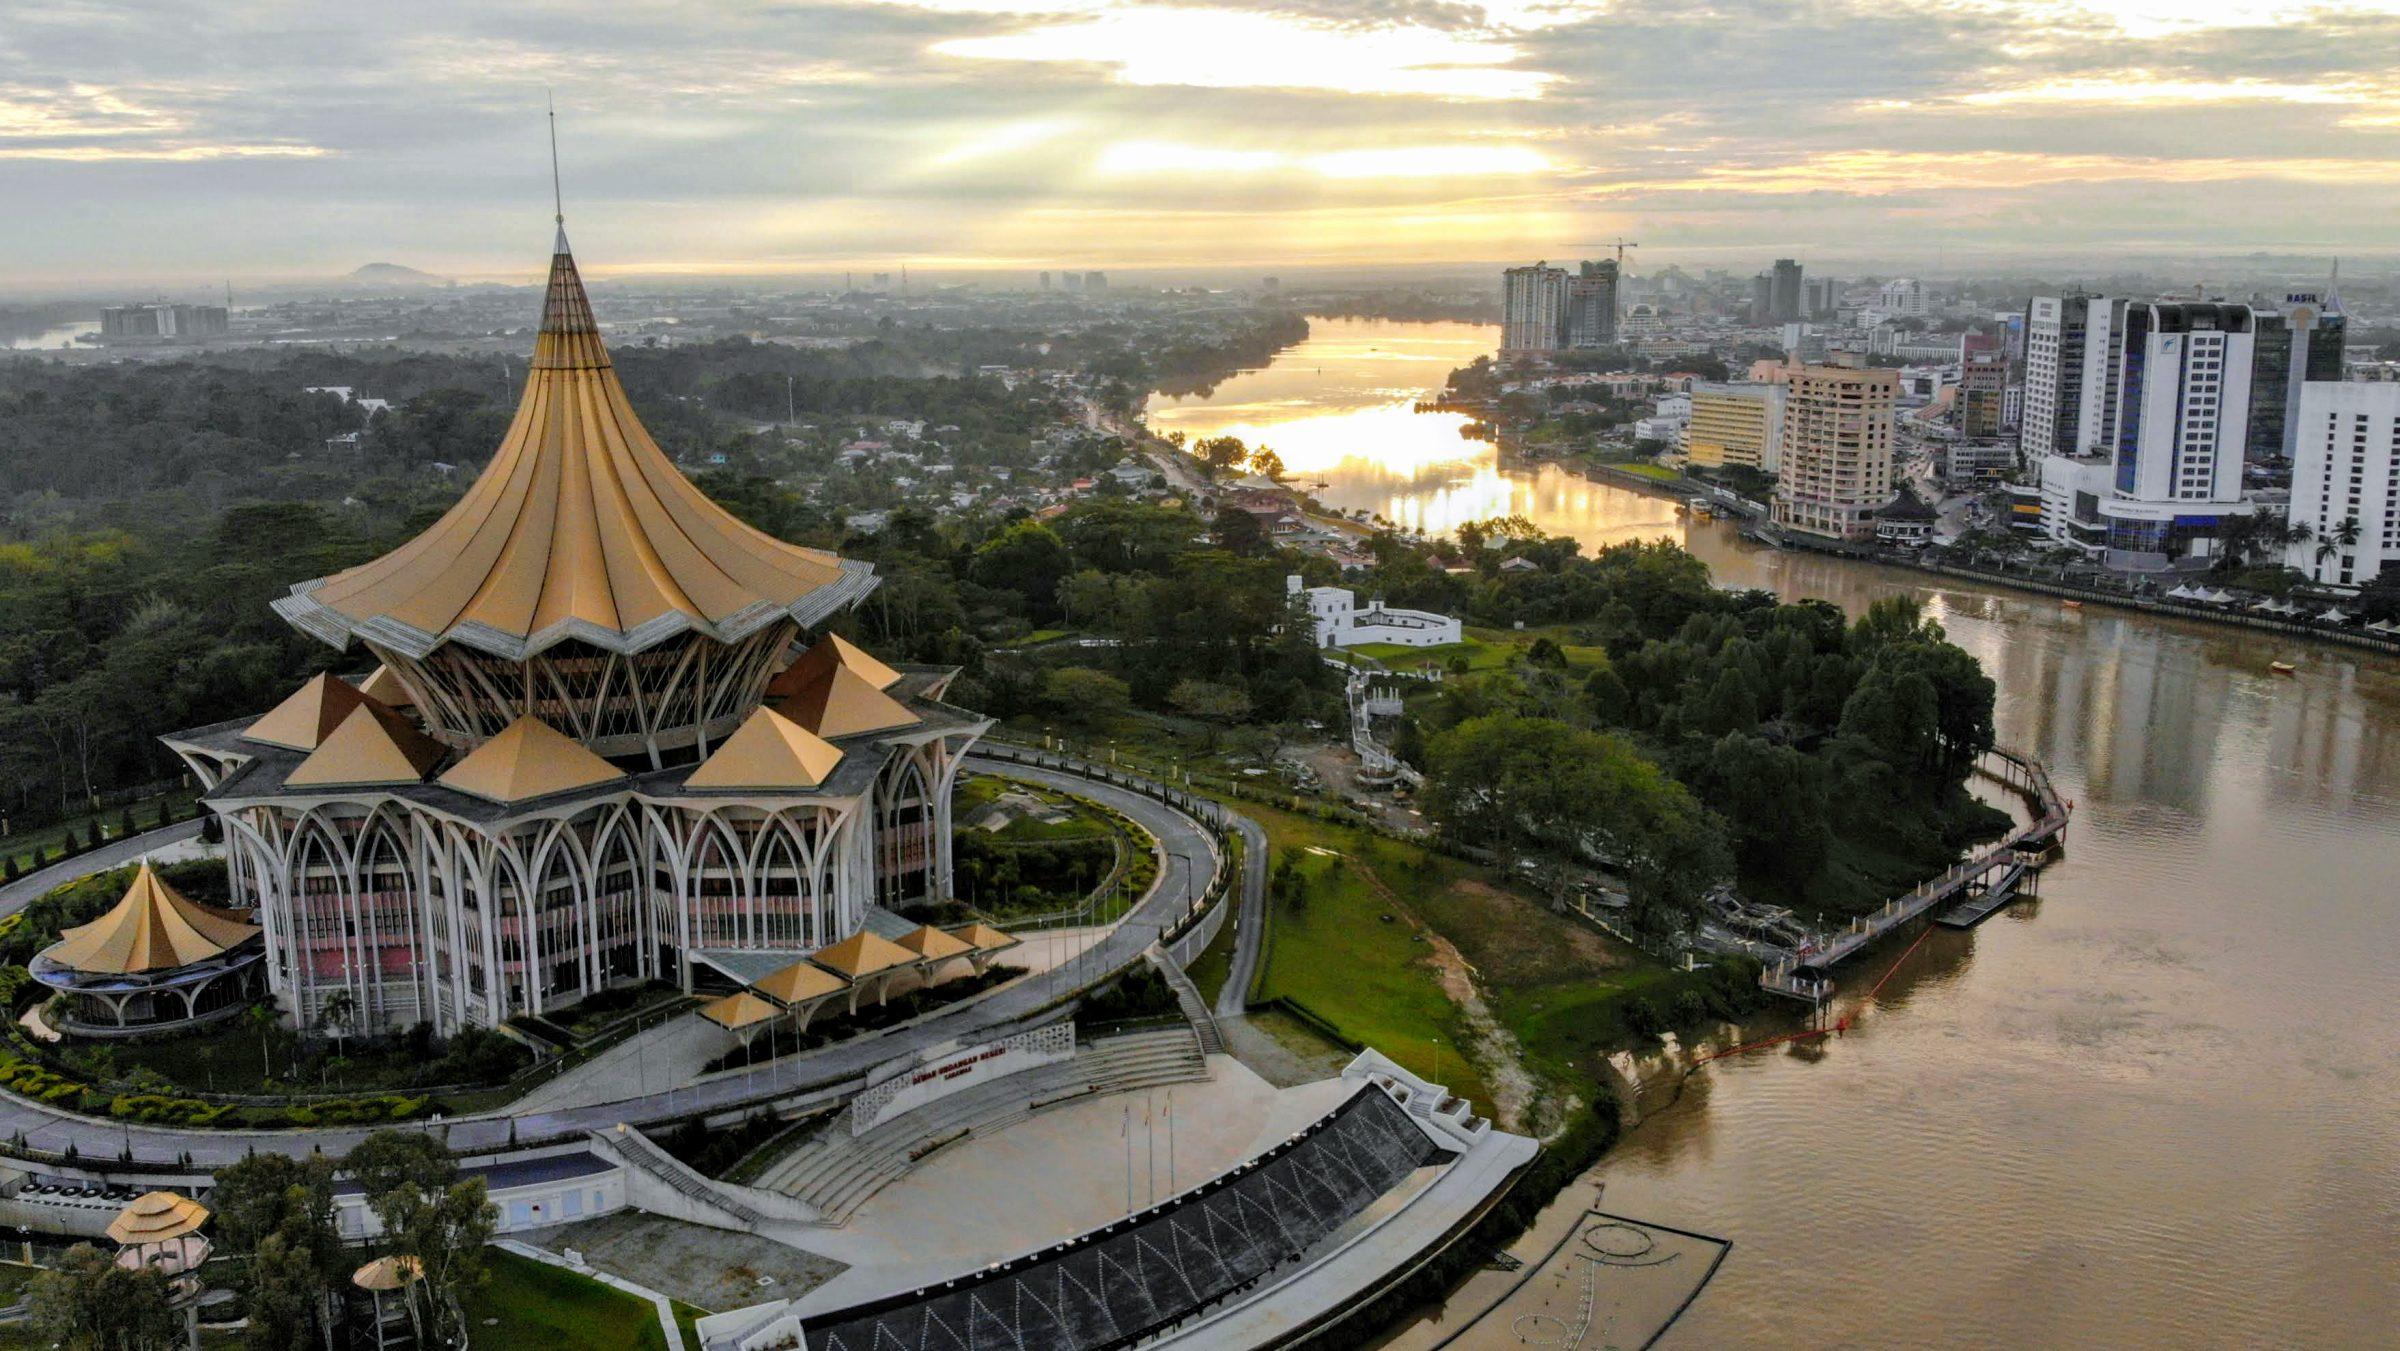 Overheidsgebouw in Kuching Sarawak Maleisië